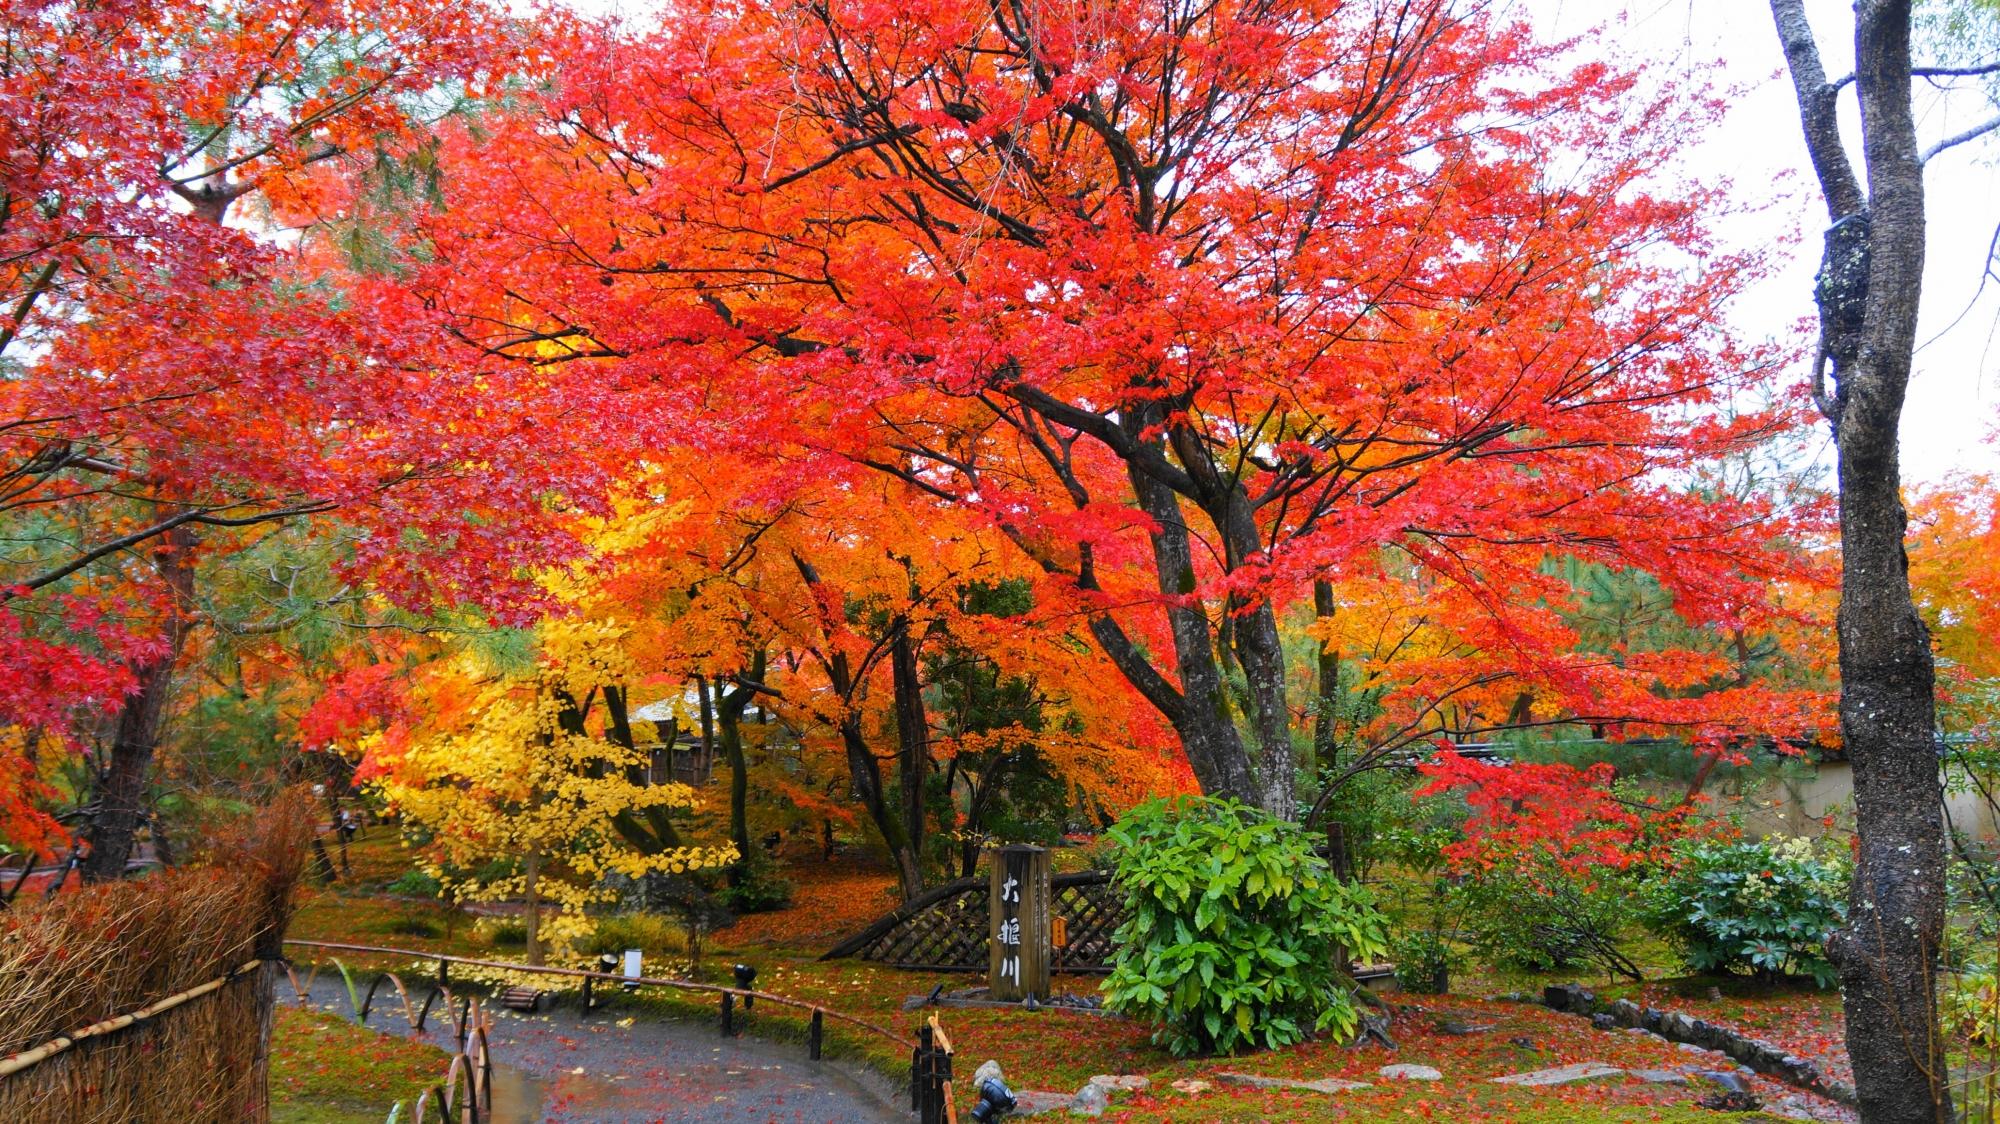 真っ赤な紅葉に覆われた天龍寺塔頭の宝厳院